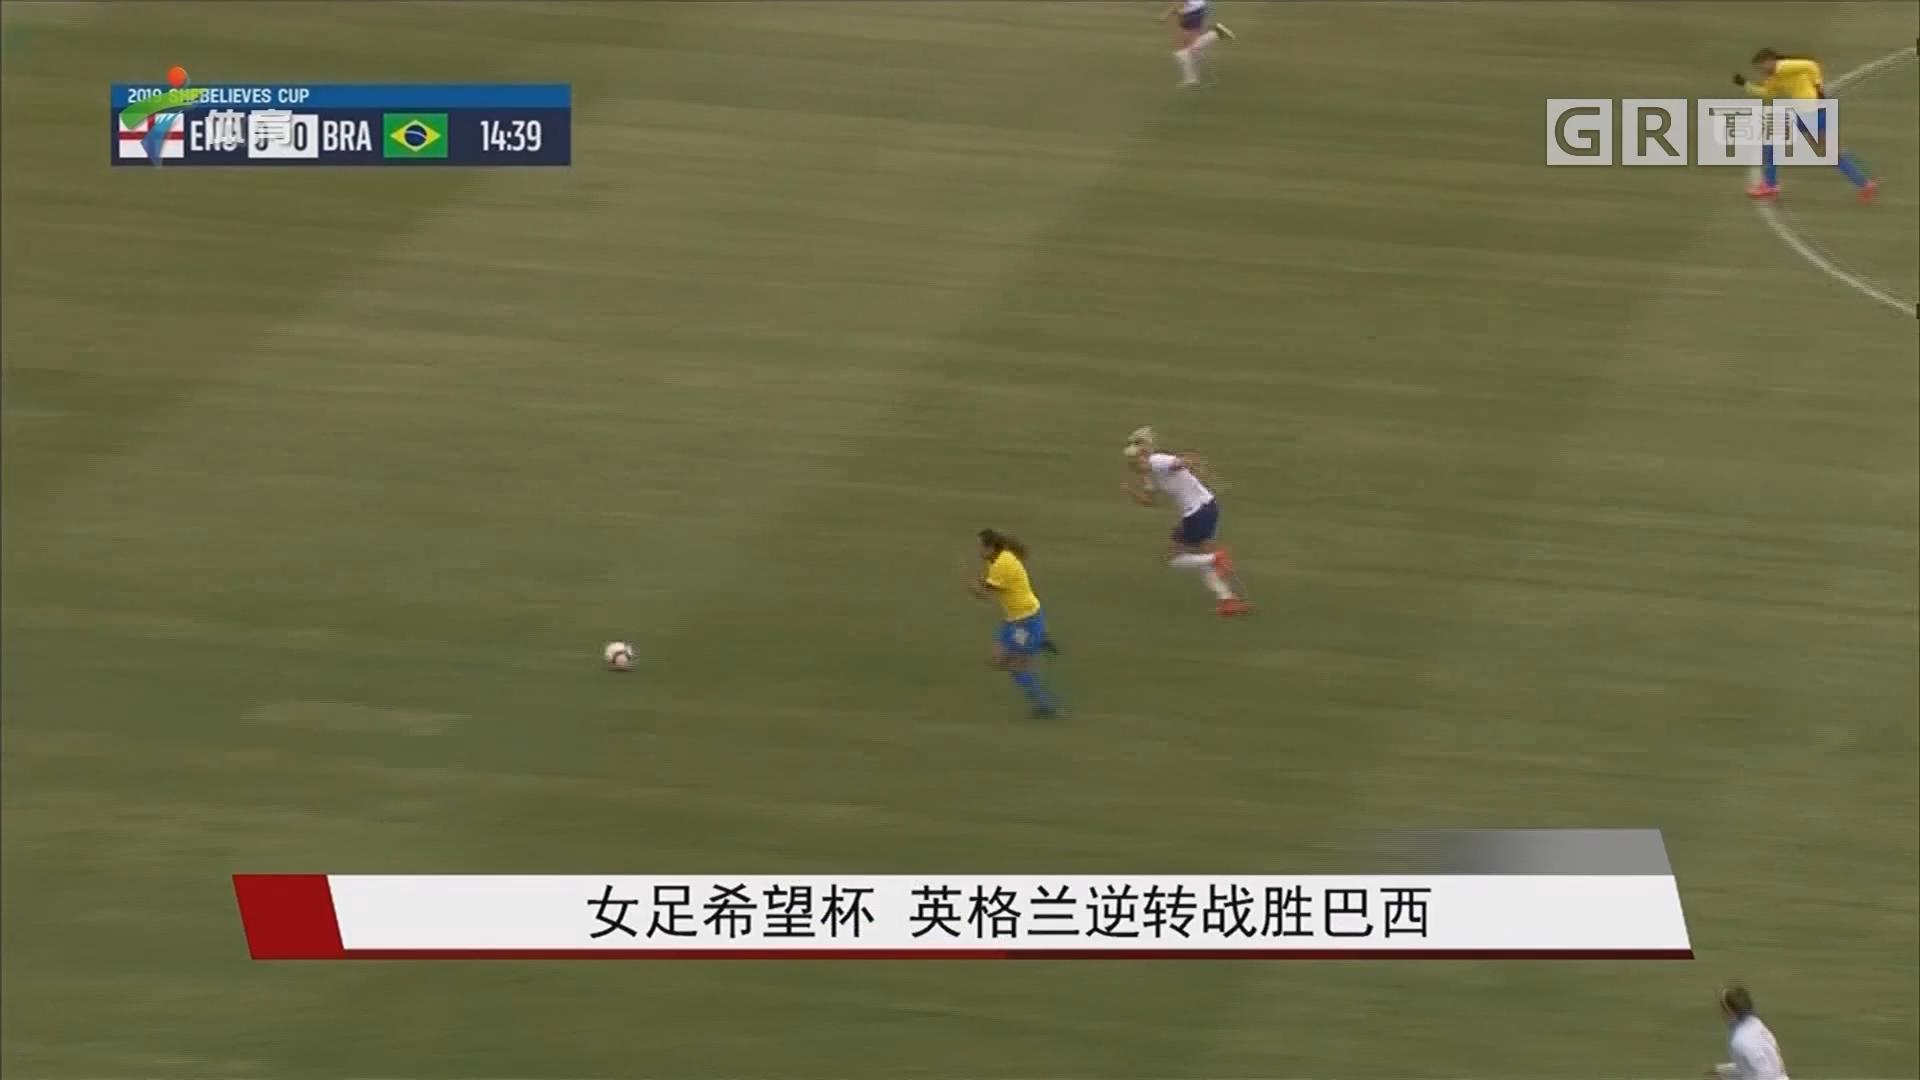 女足希望杯 英格兰逆转战胜巴西